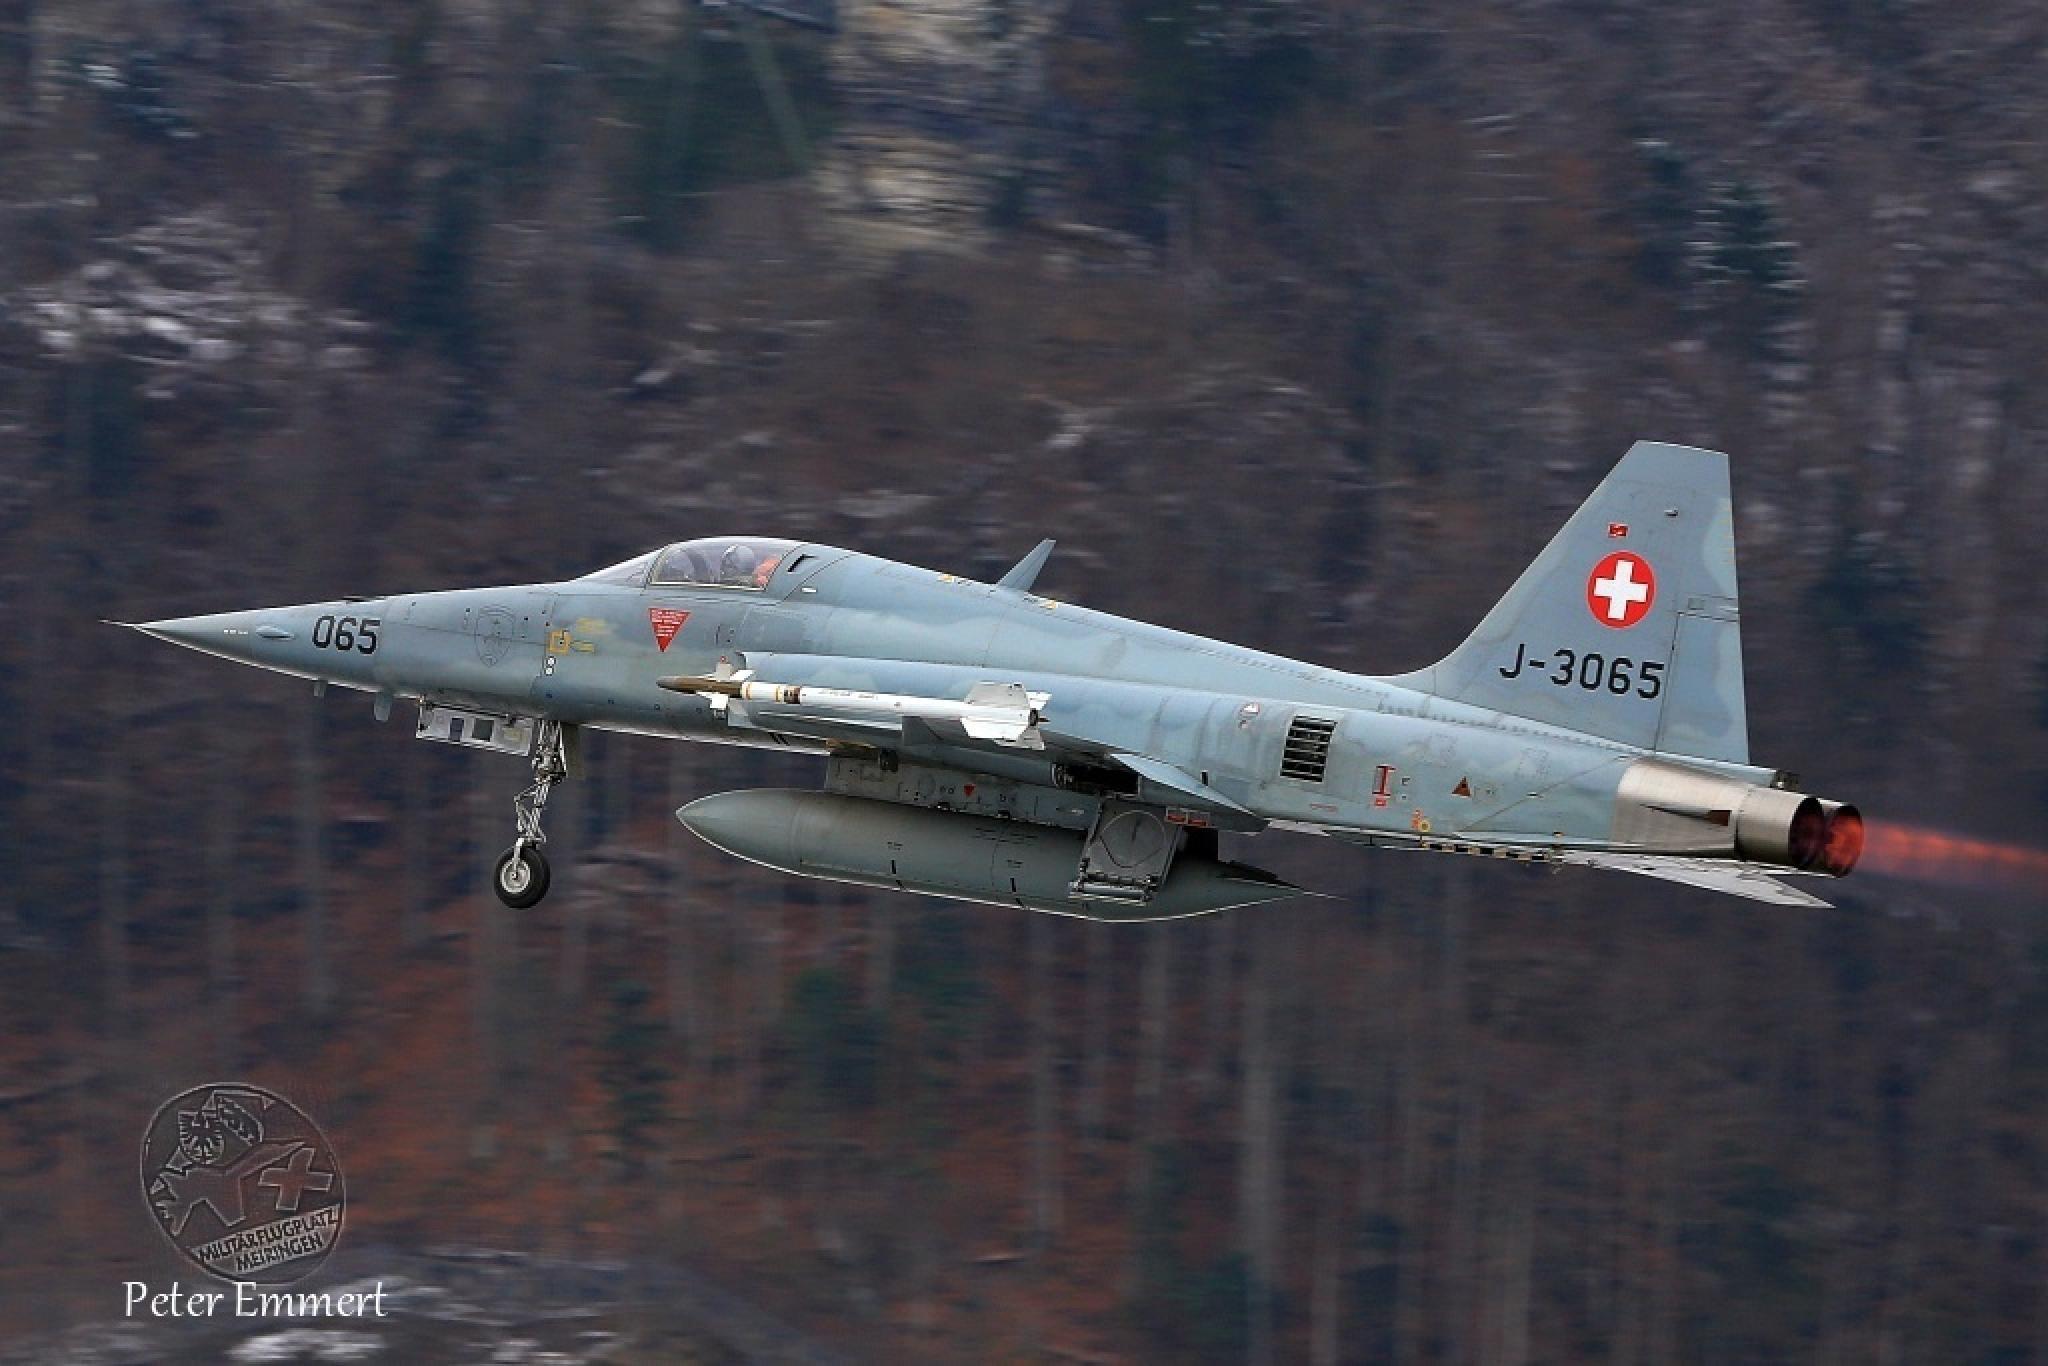 Northrop F-5E Tiger II J-3065 by Peter Emmert